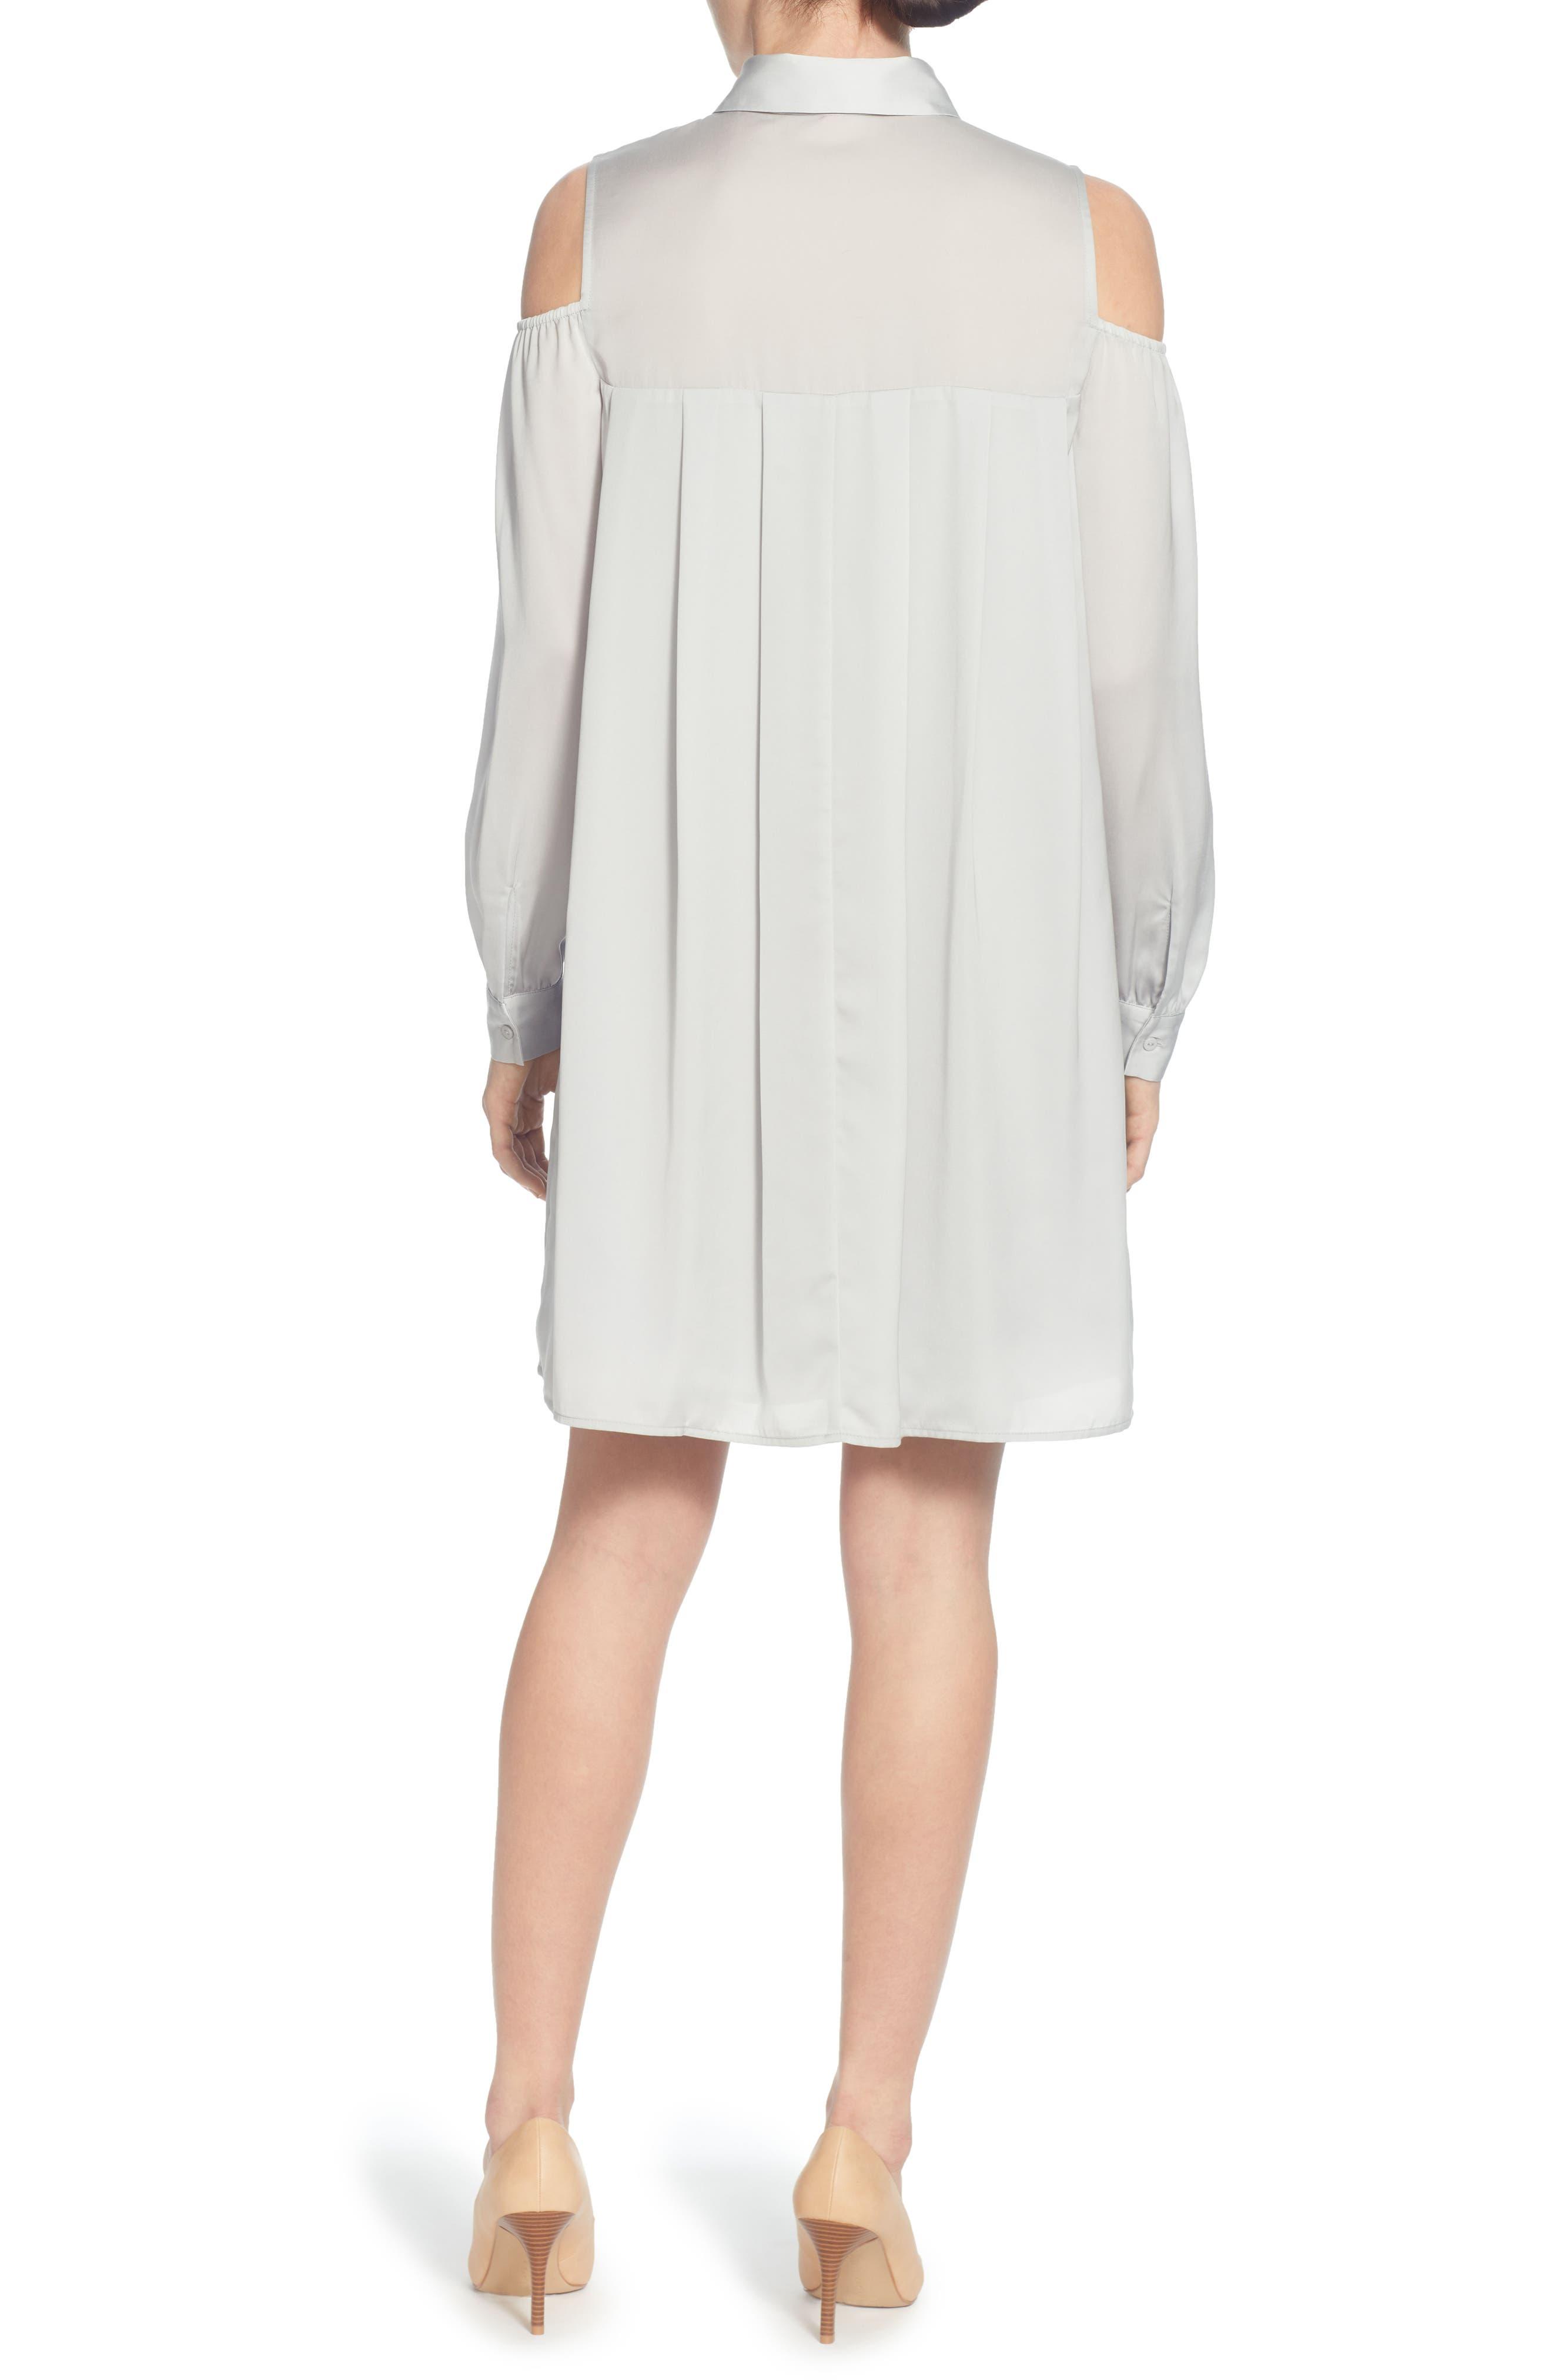 Massima Cold Shoulder Dress,                             Alternate thumbnail 2, color,                             Grey